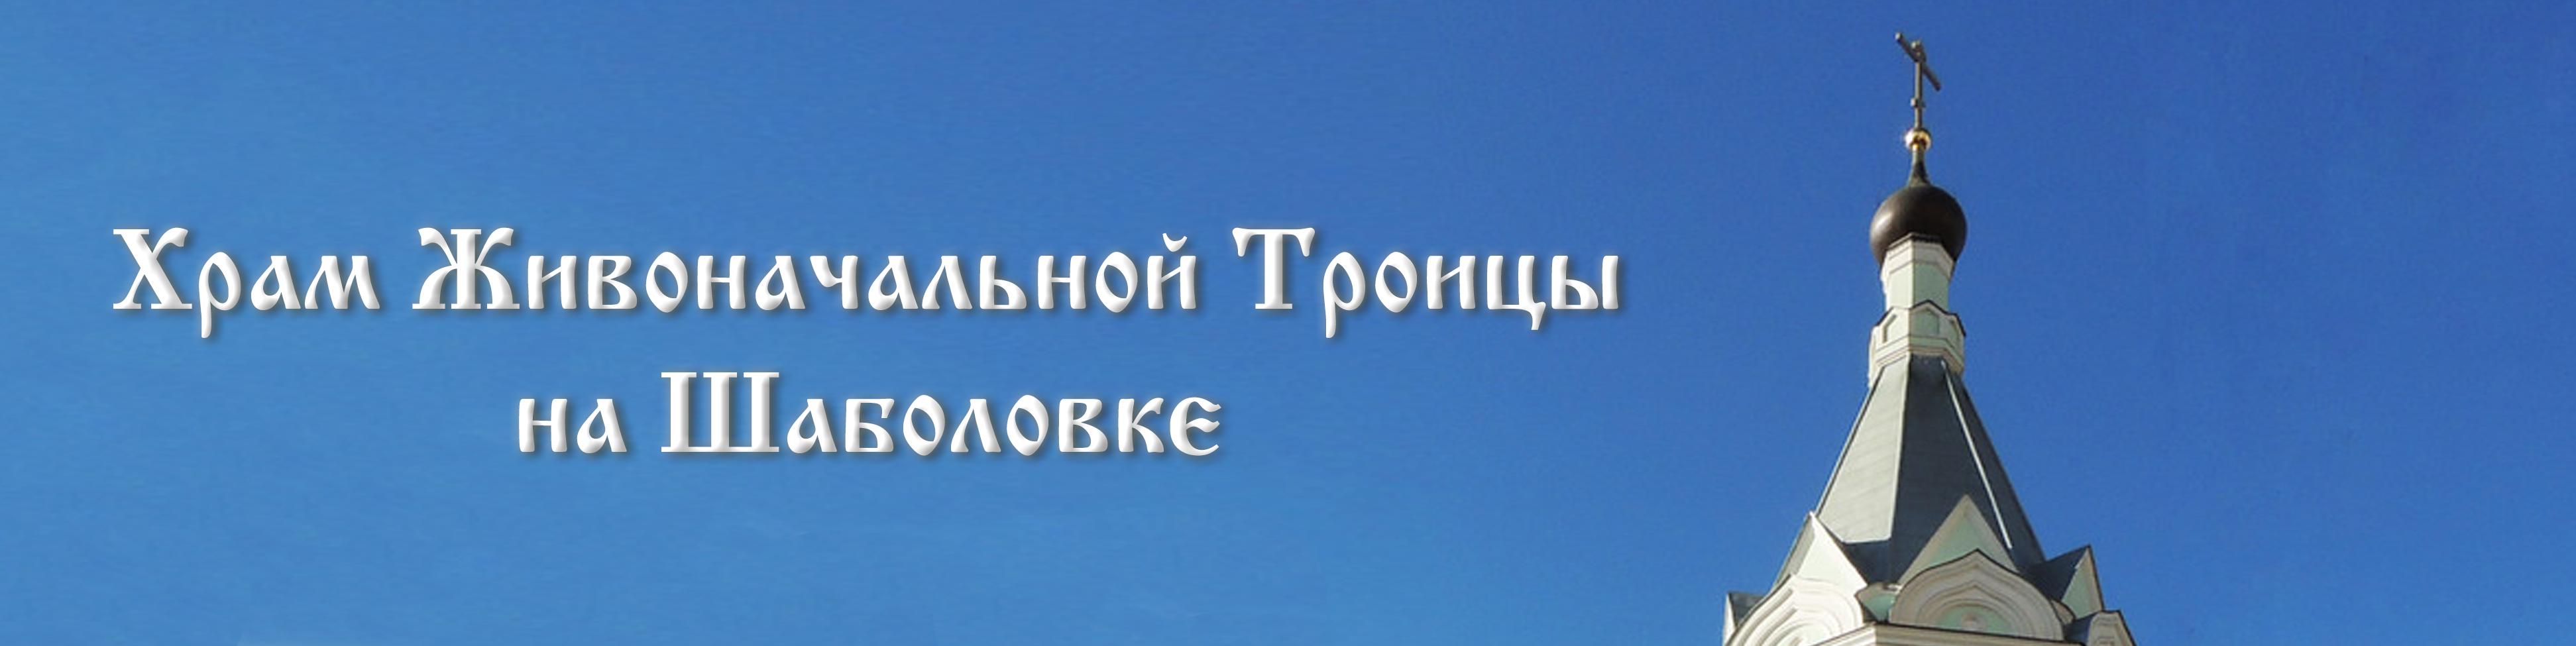 Храм Живоначальной Троицы на Шаболовке